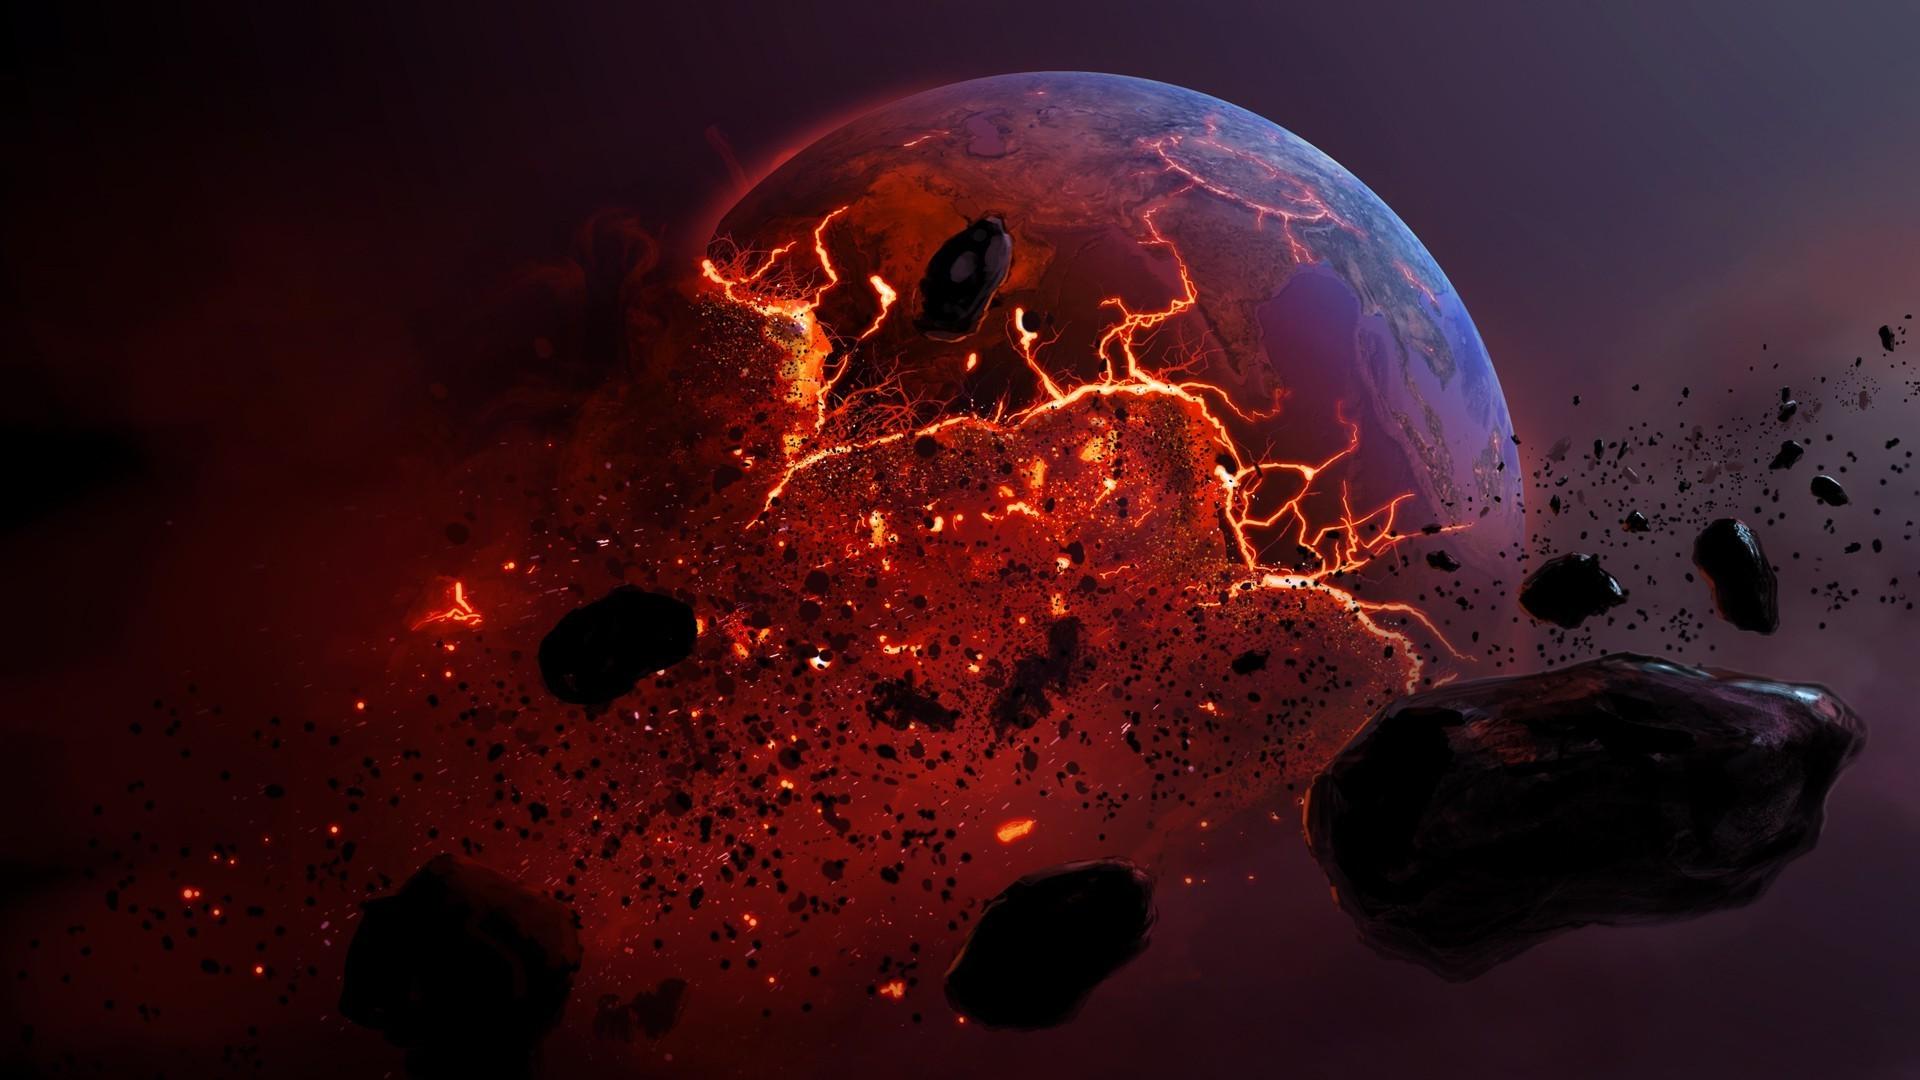 Обои огненная планета картинки на рабочий стол на тему Космос - скачать  № 433818 загрузить